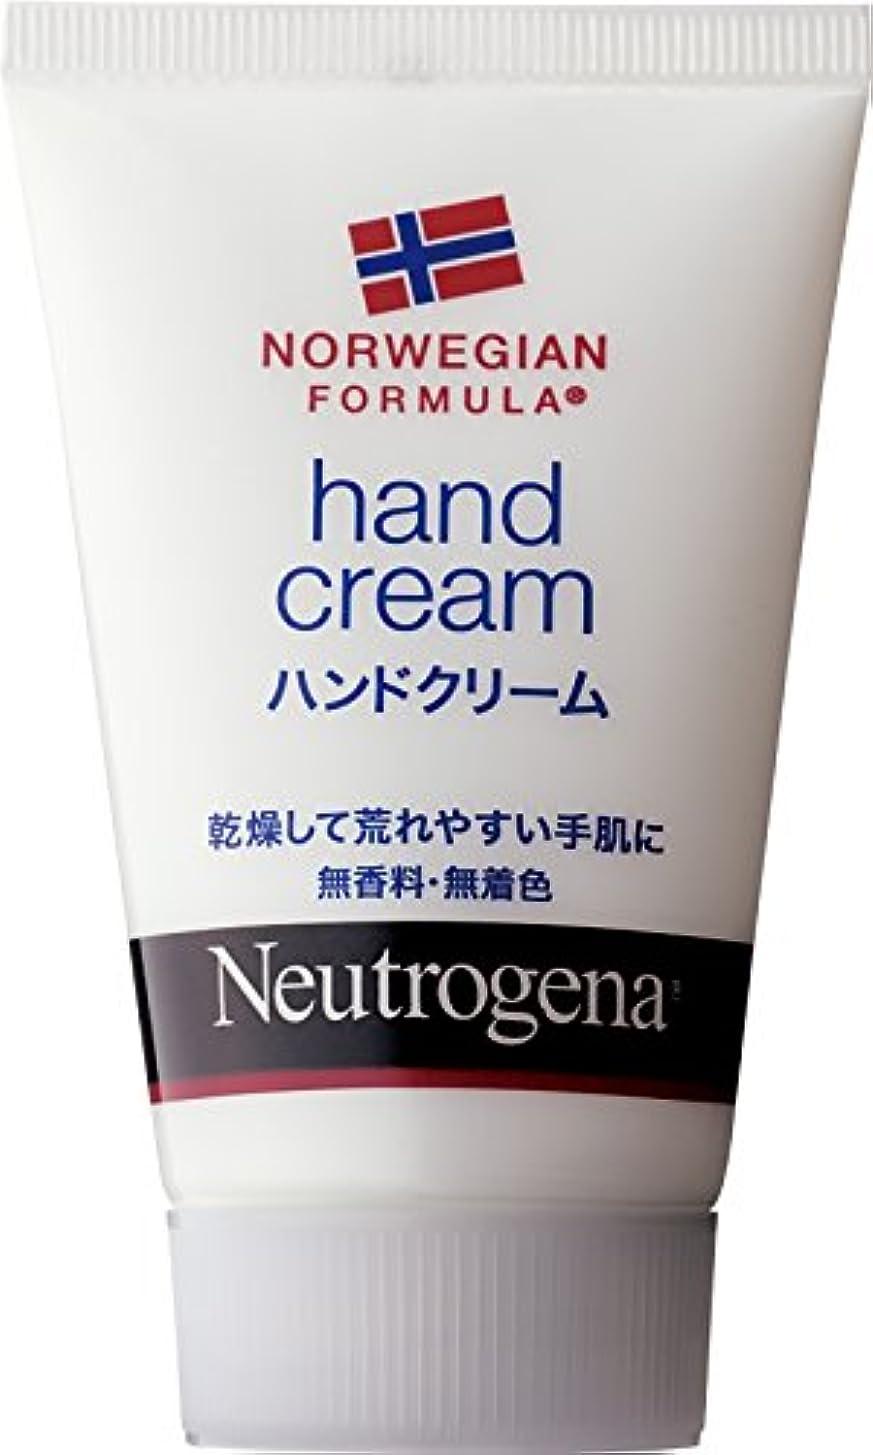 唯物論セーブ肝Neutrogena(ニュートロジーナ)ノルウェーフォーミュラ ハンドクリーム(無香料) 56g